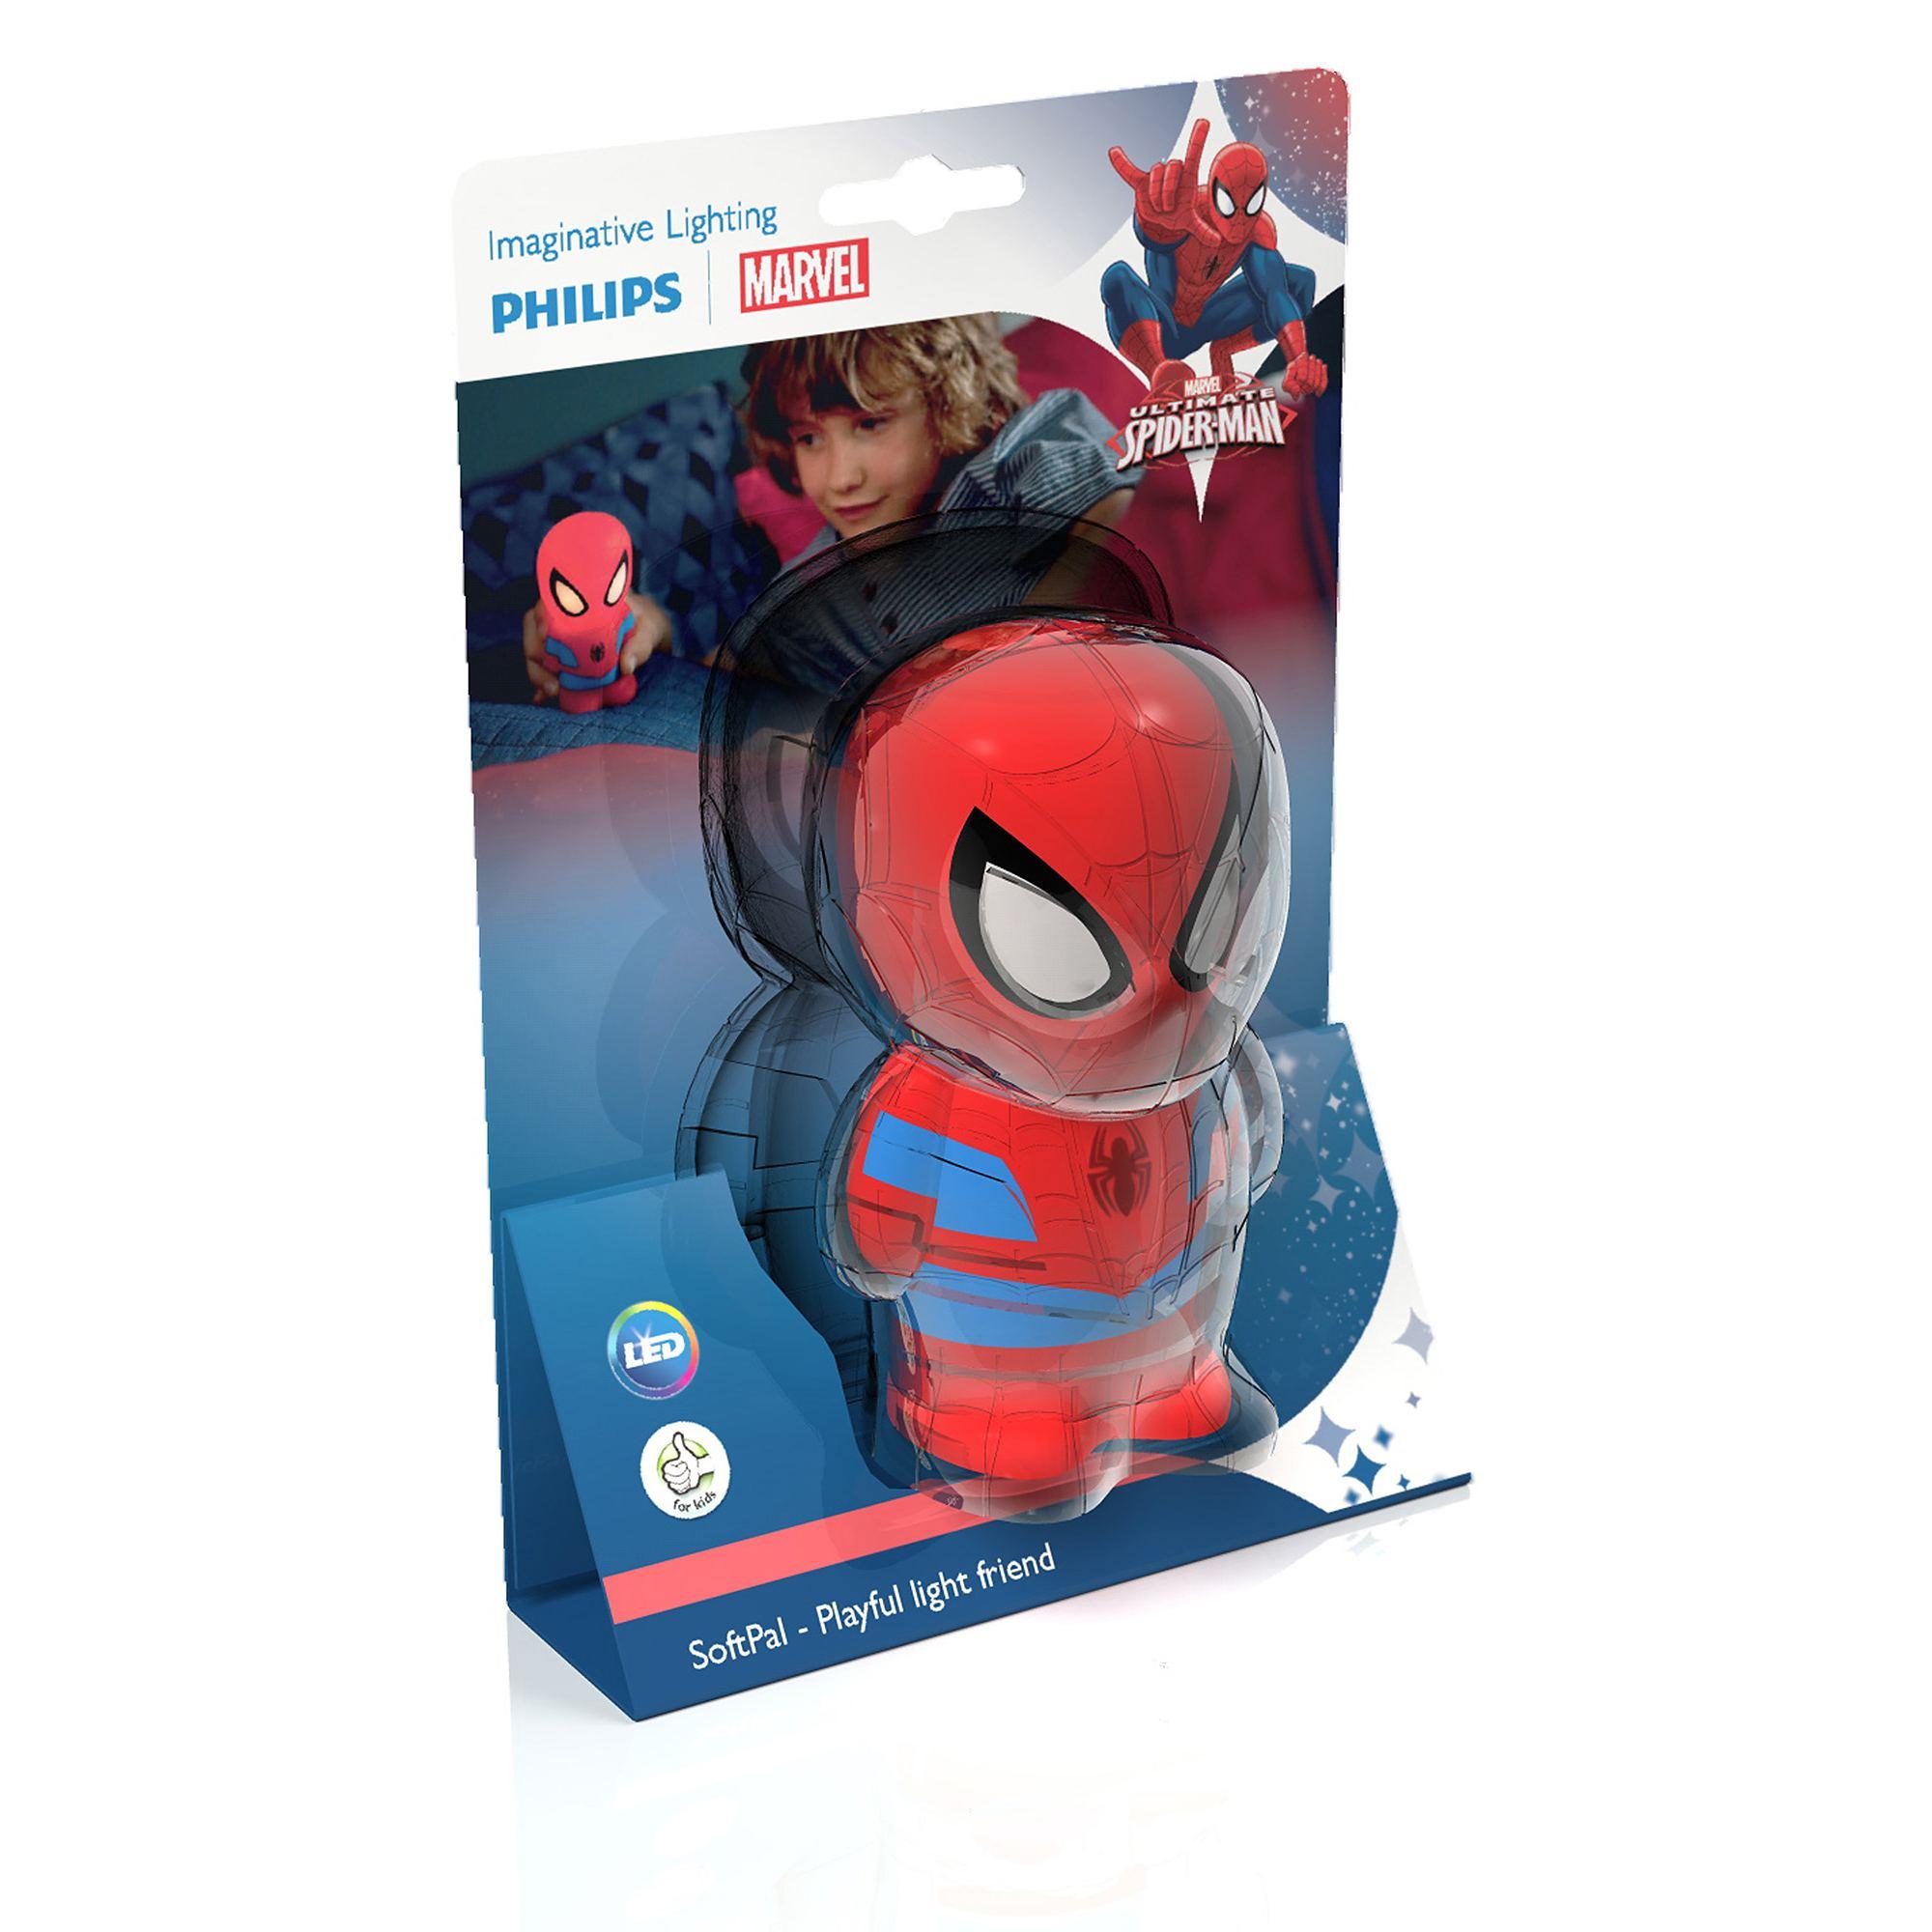 Philips Marvel Spiderman Children S Led Sensor Night Light